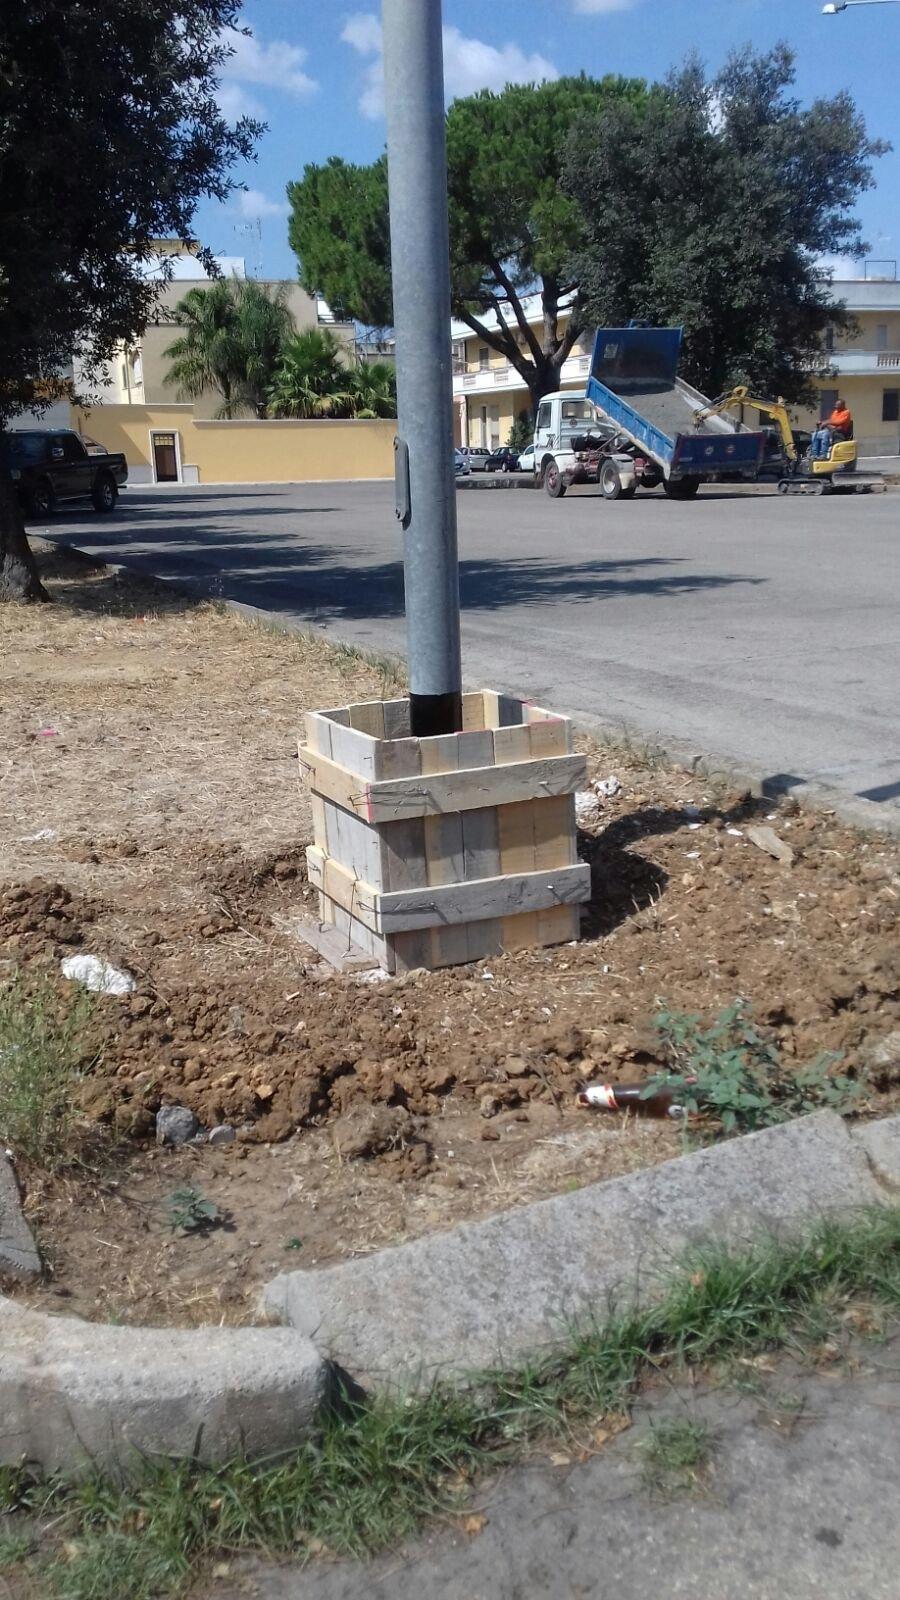 Al via le opere di rinforzo dei pali della pubblica illuminazione